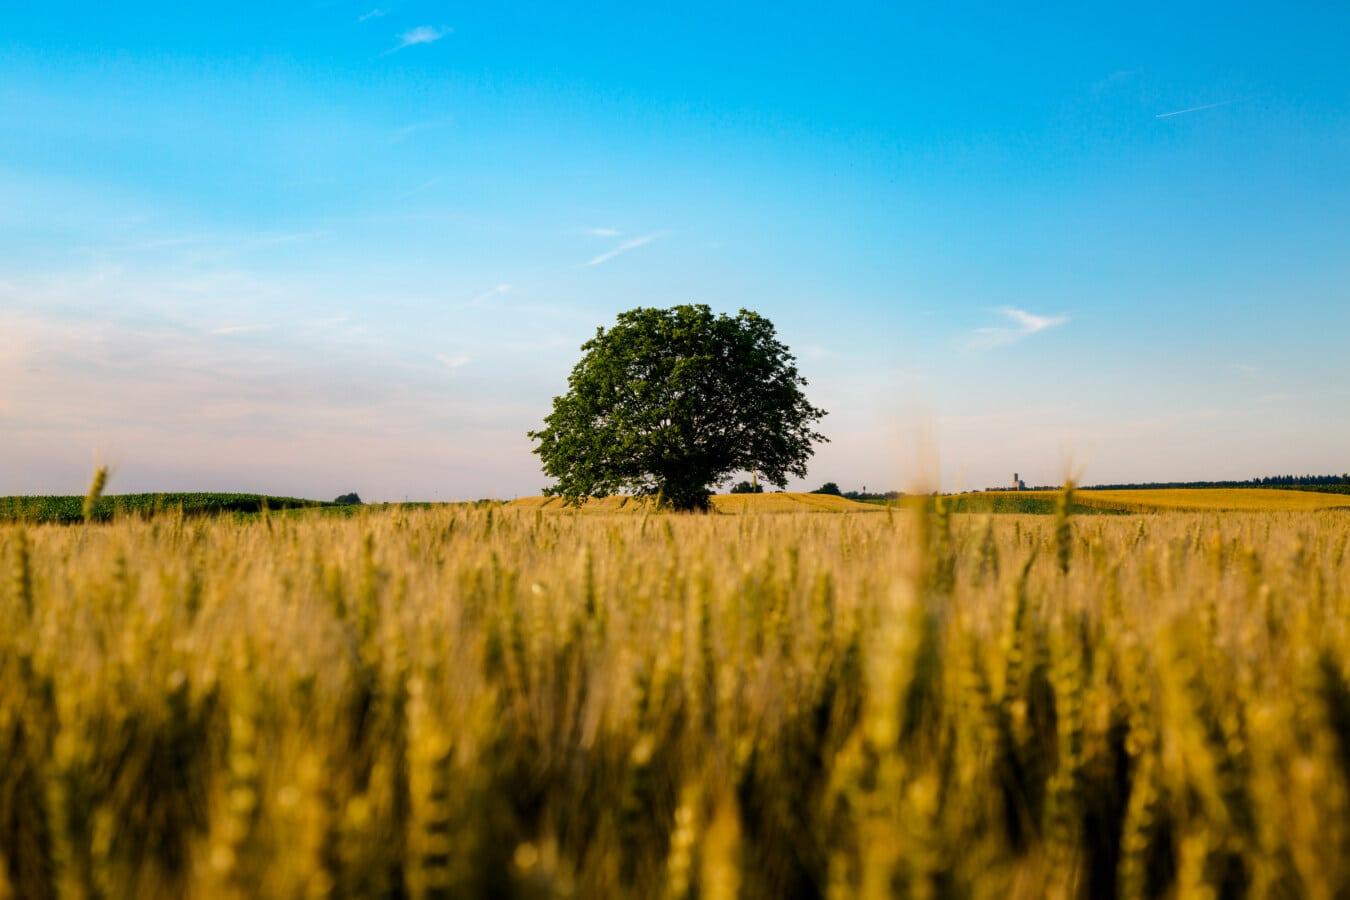 letní sezona, pšeničné pole, strom, zemědělská půda, zemědělství, krajina, pole, tráva, venkova, obilnina